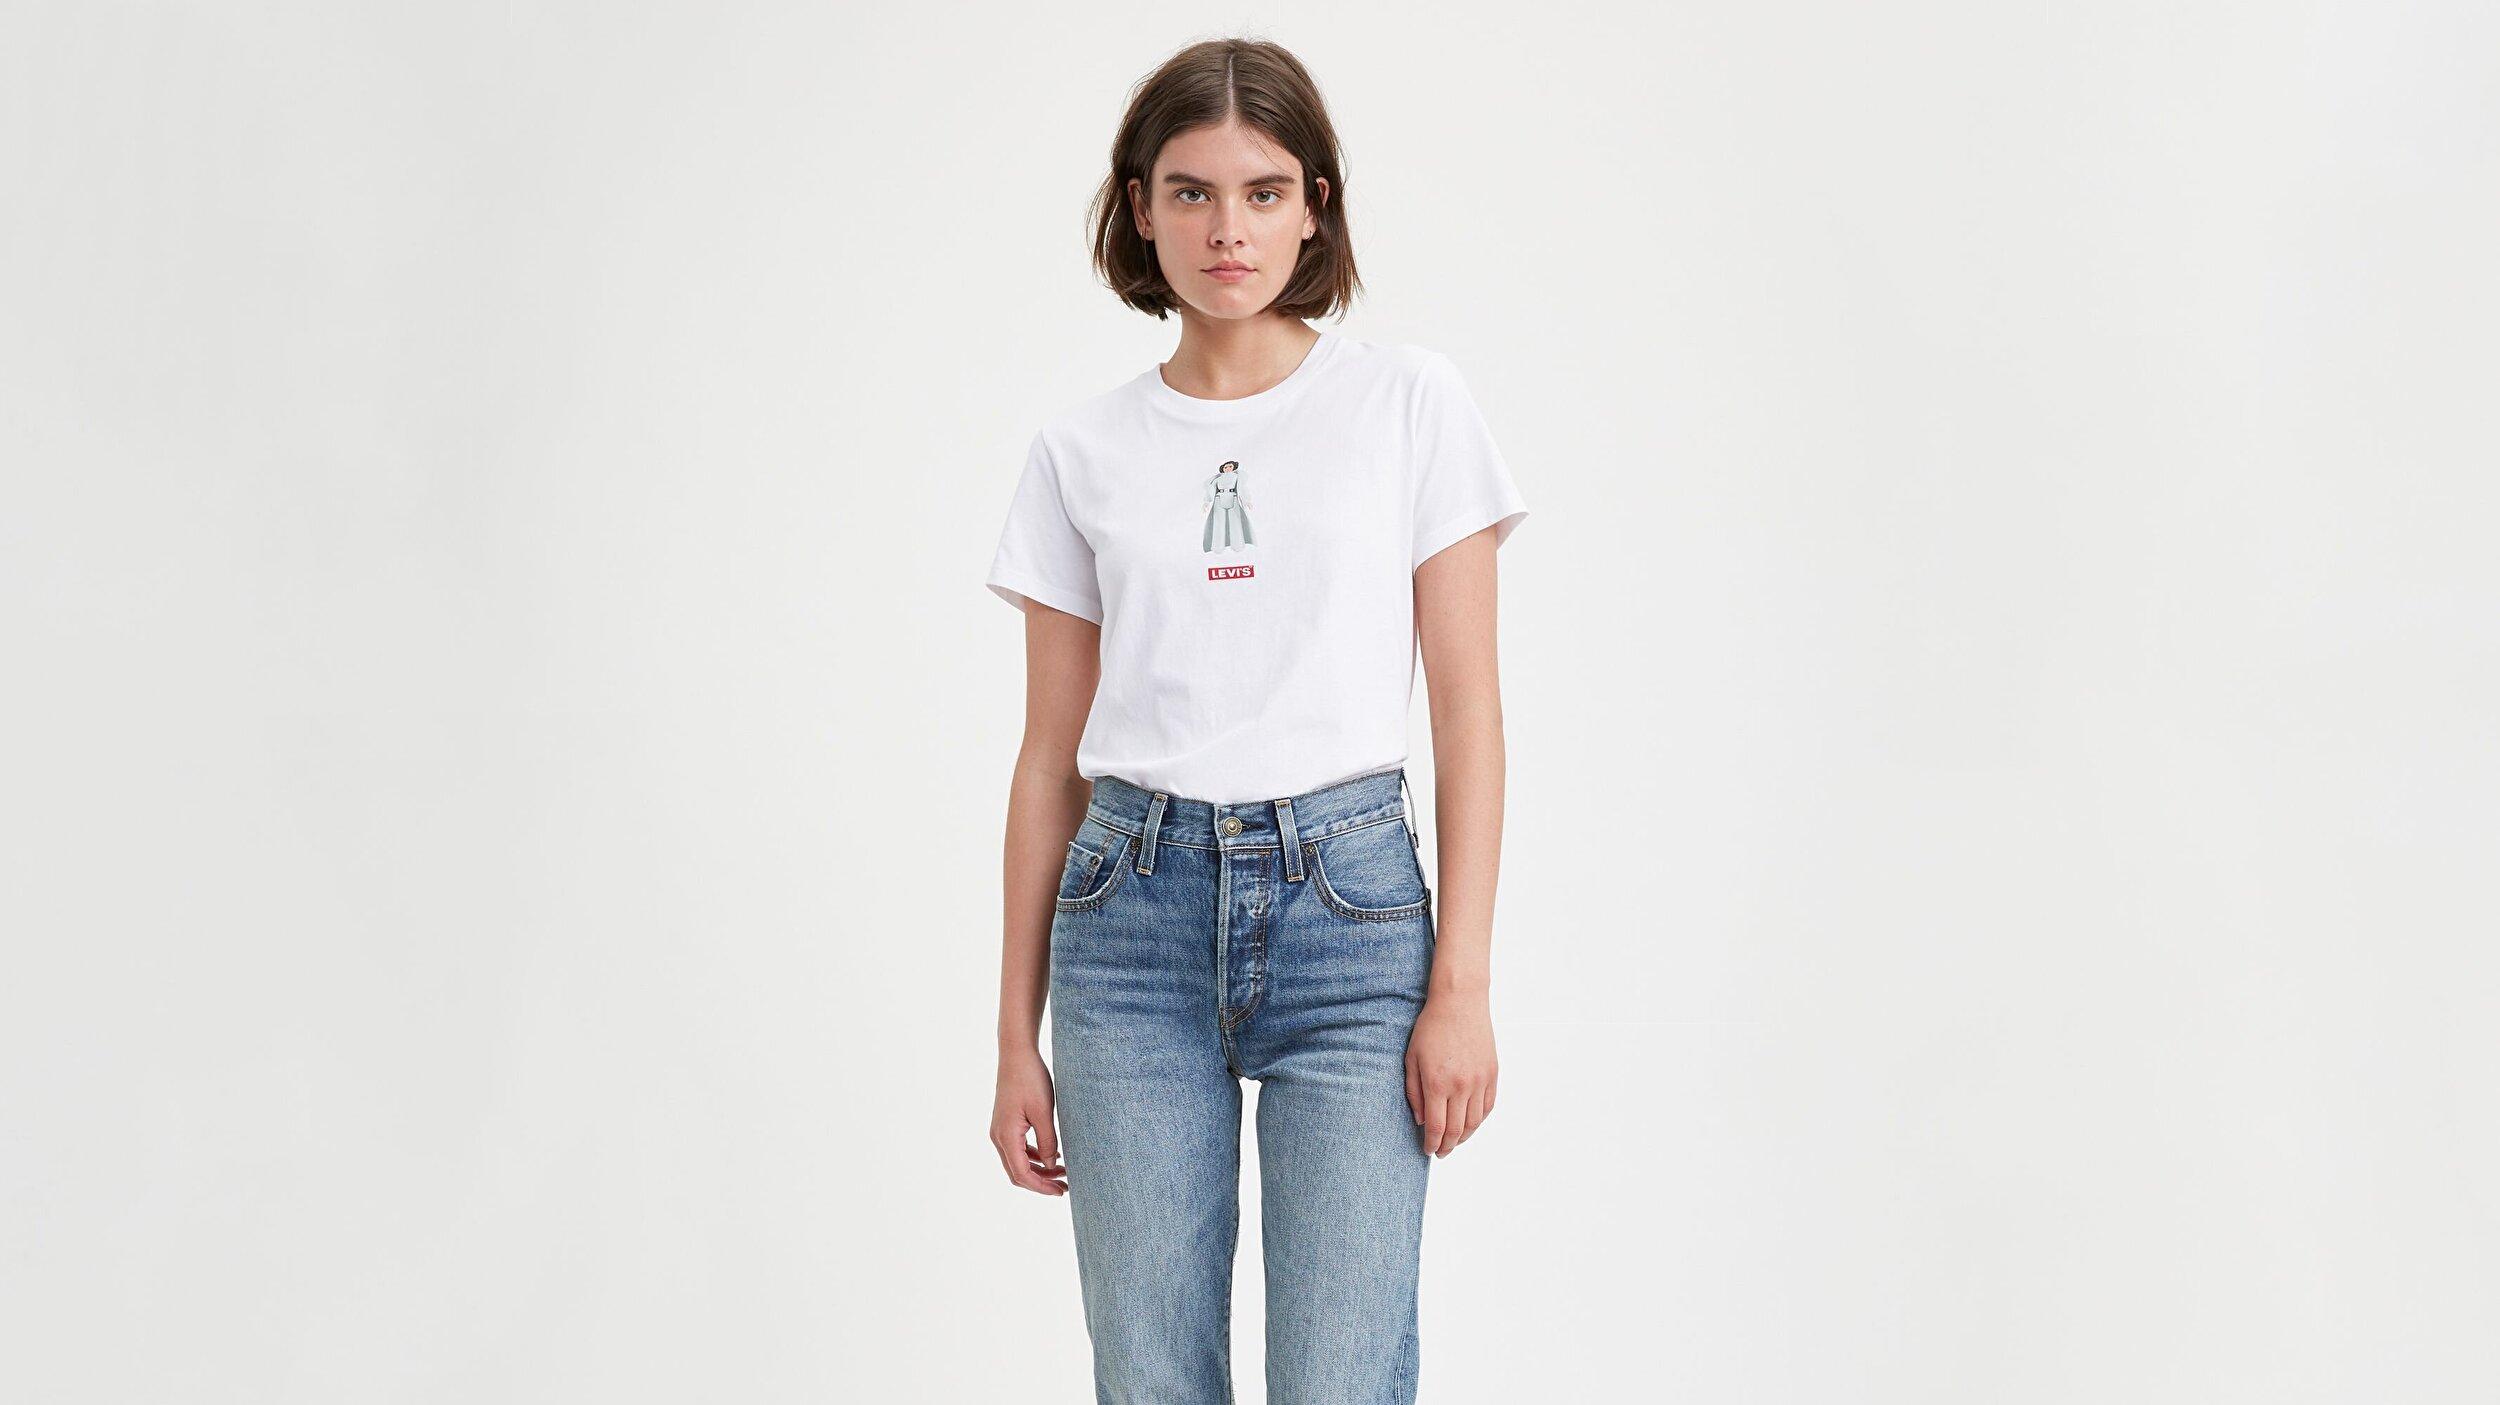 The Perfect Tee T2 Ss Princess Leia Beyaz Kadın Tişört